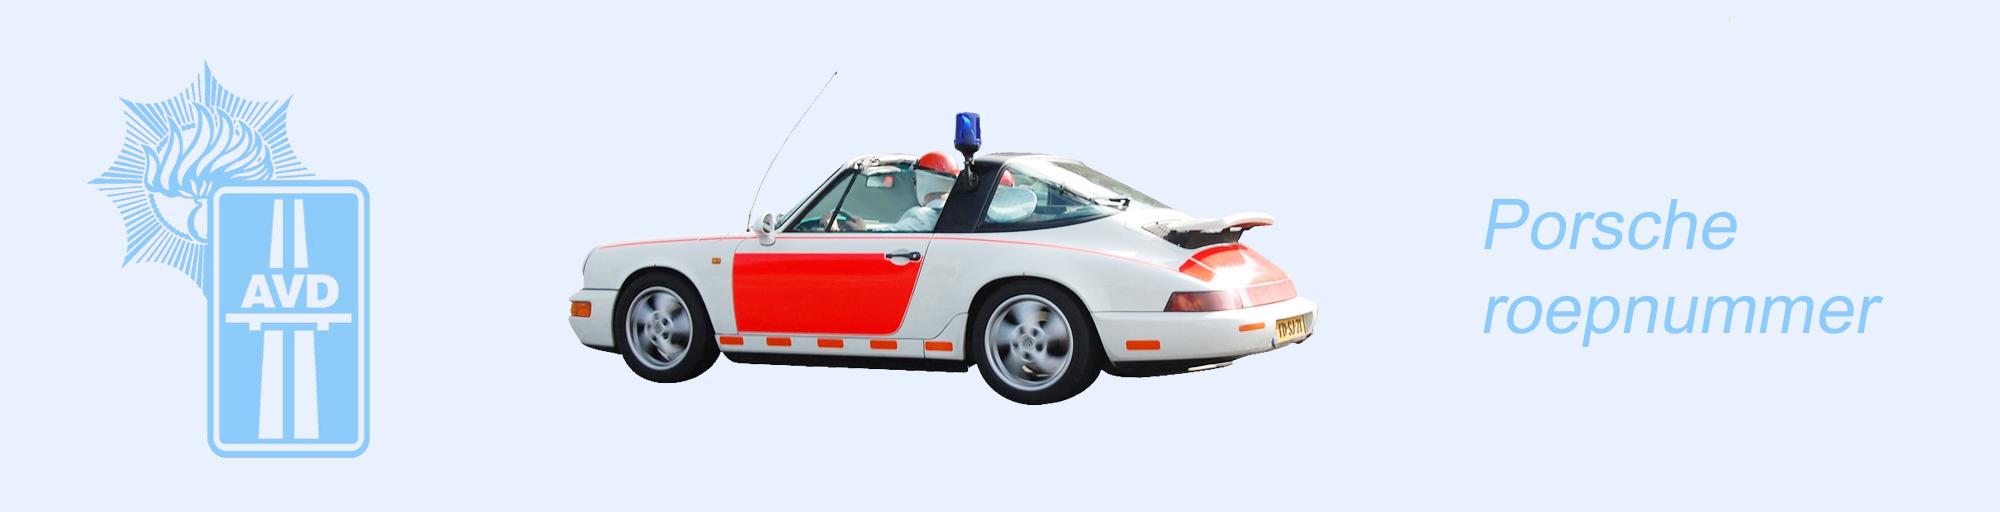 Porsche roepnummer